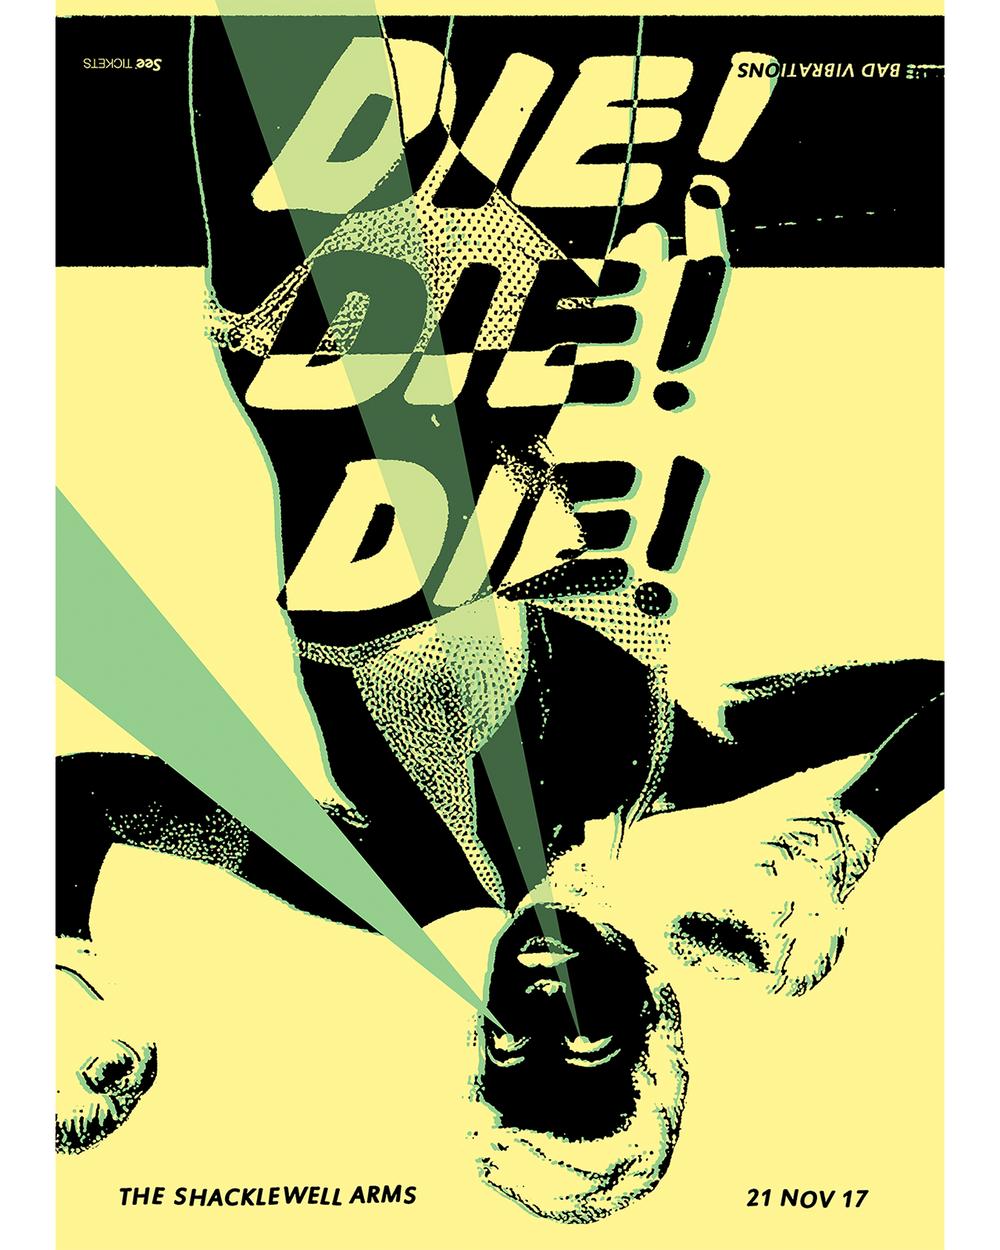 21st_Nov_Bad_Vibrations_Die!_Die!_Die!_Olya_Dyer_gig_poster_Instagram.png